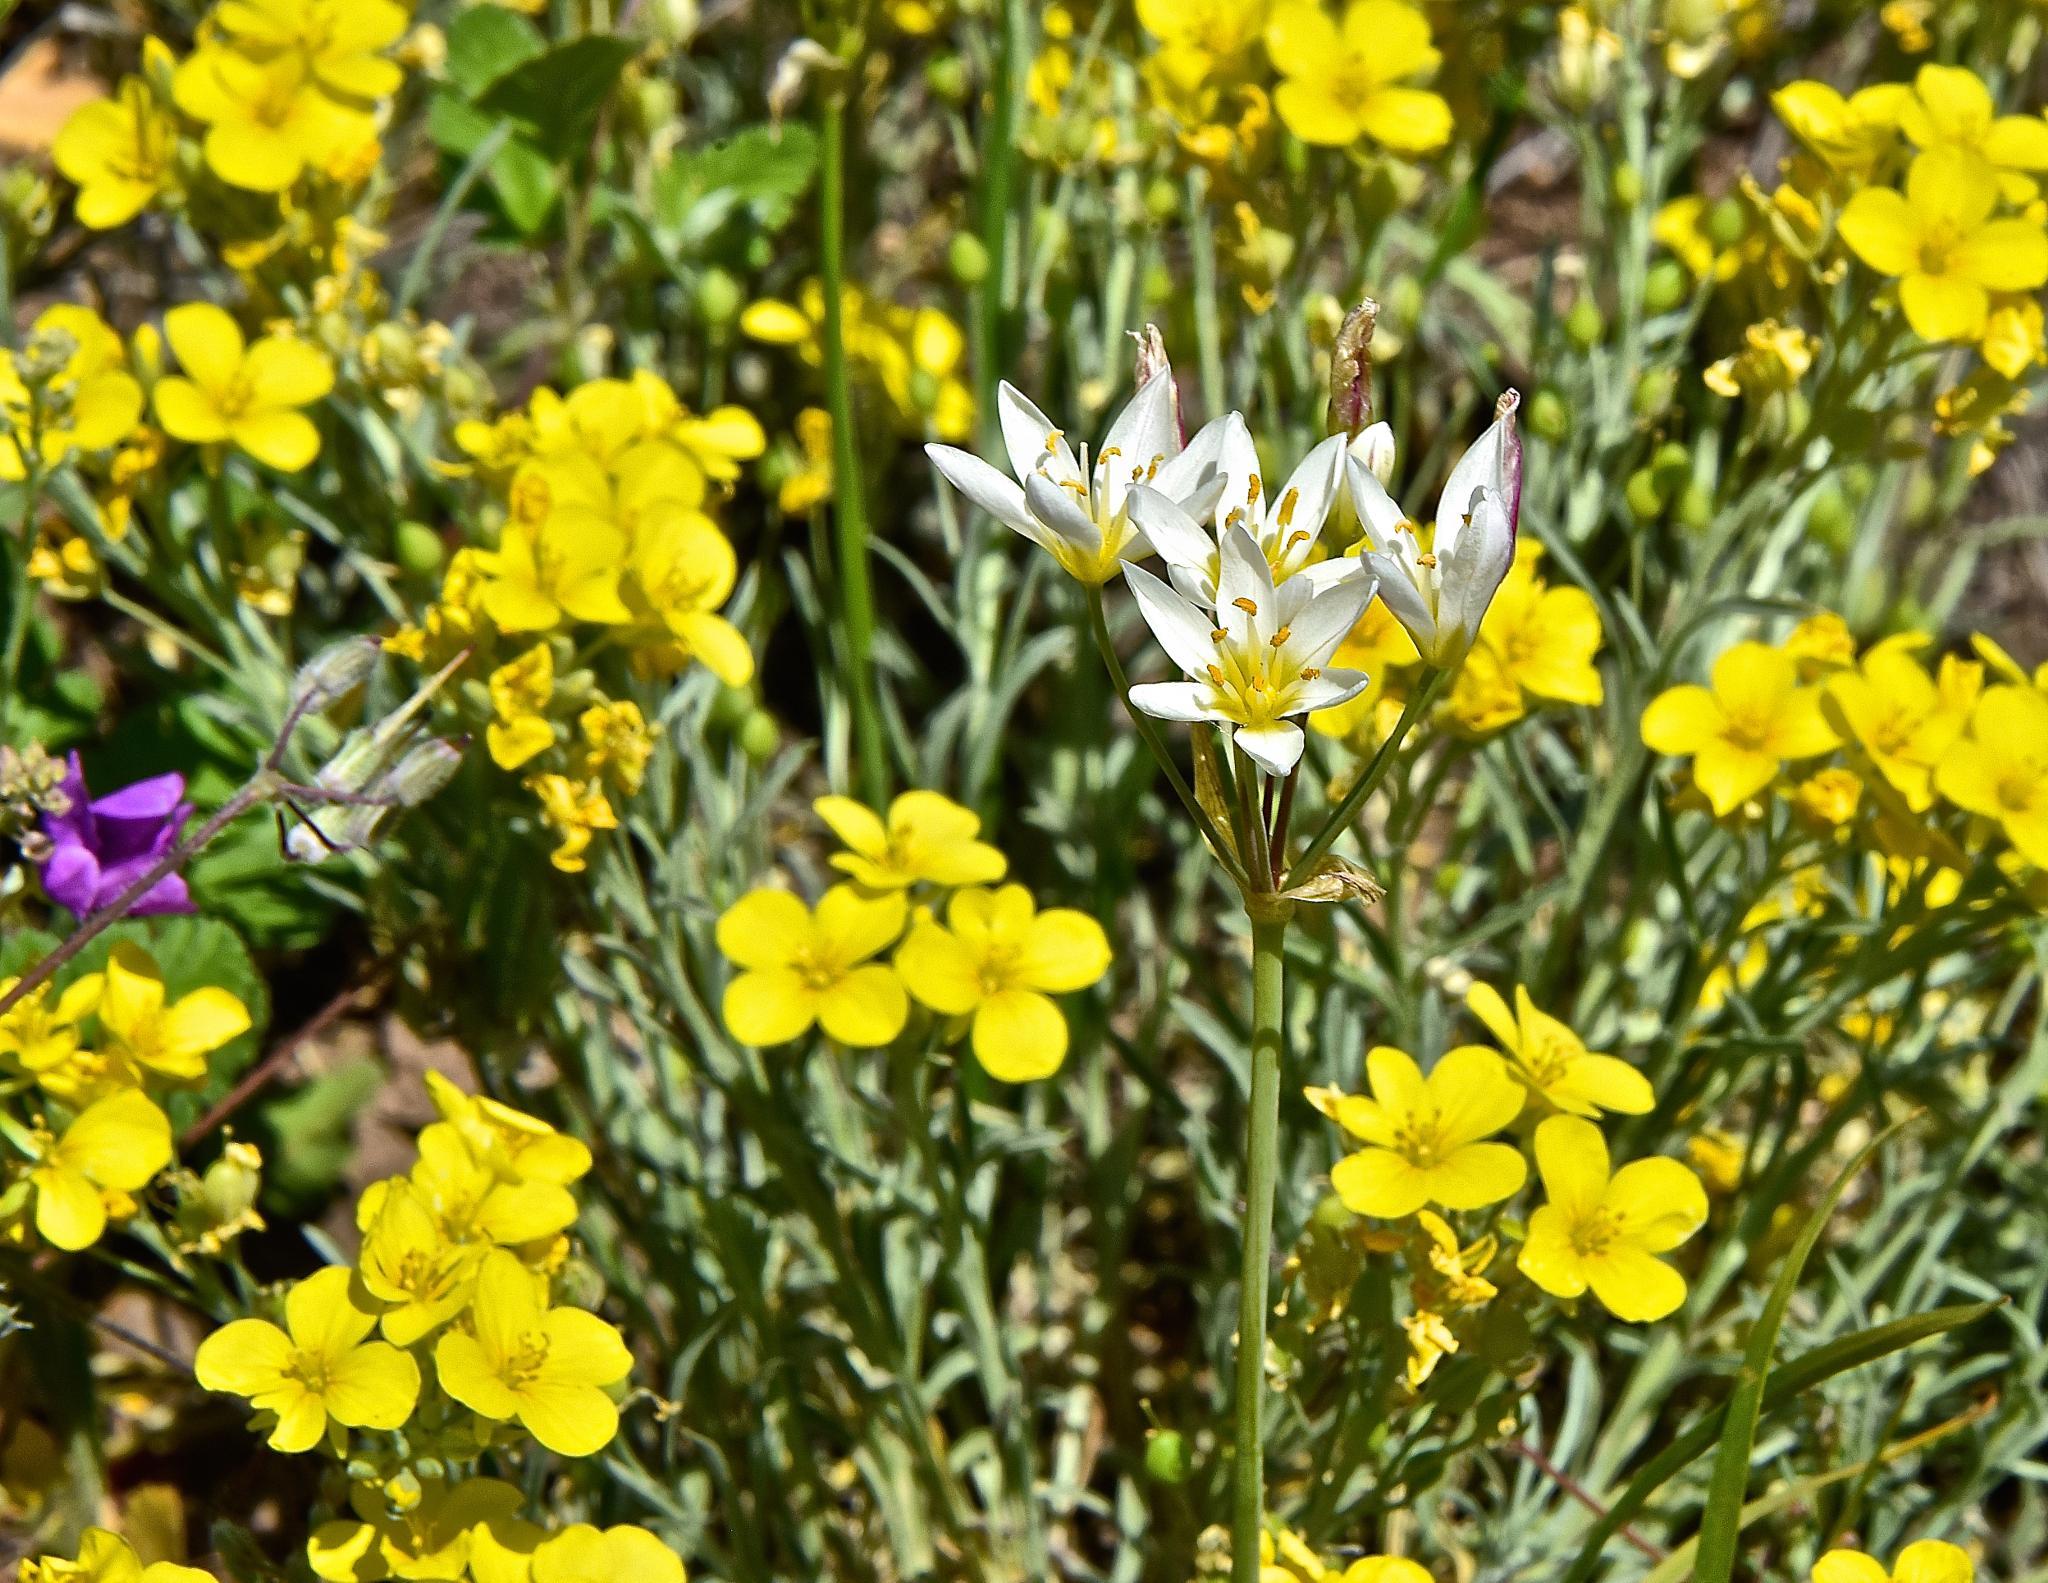 West Texas Wildflower Boquet by Steve Aicinena